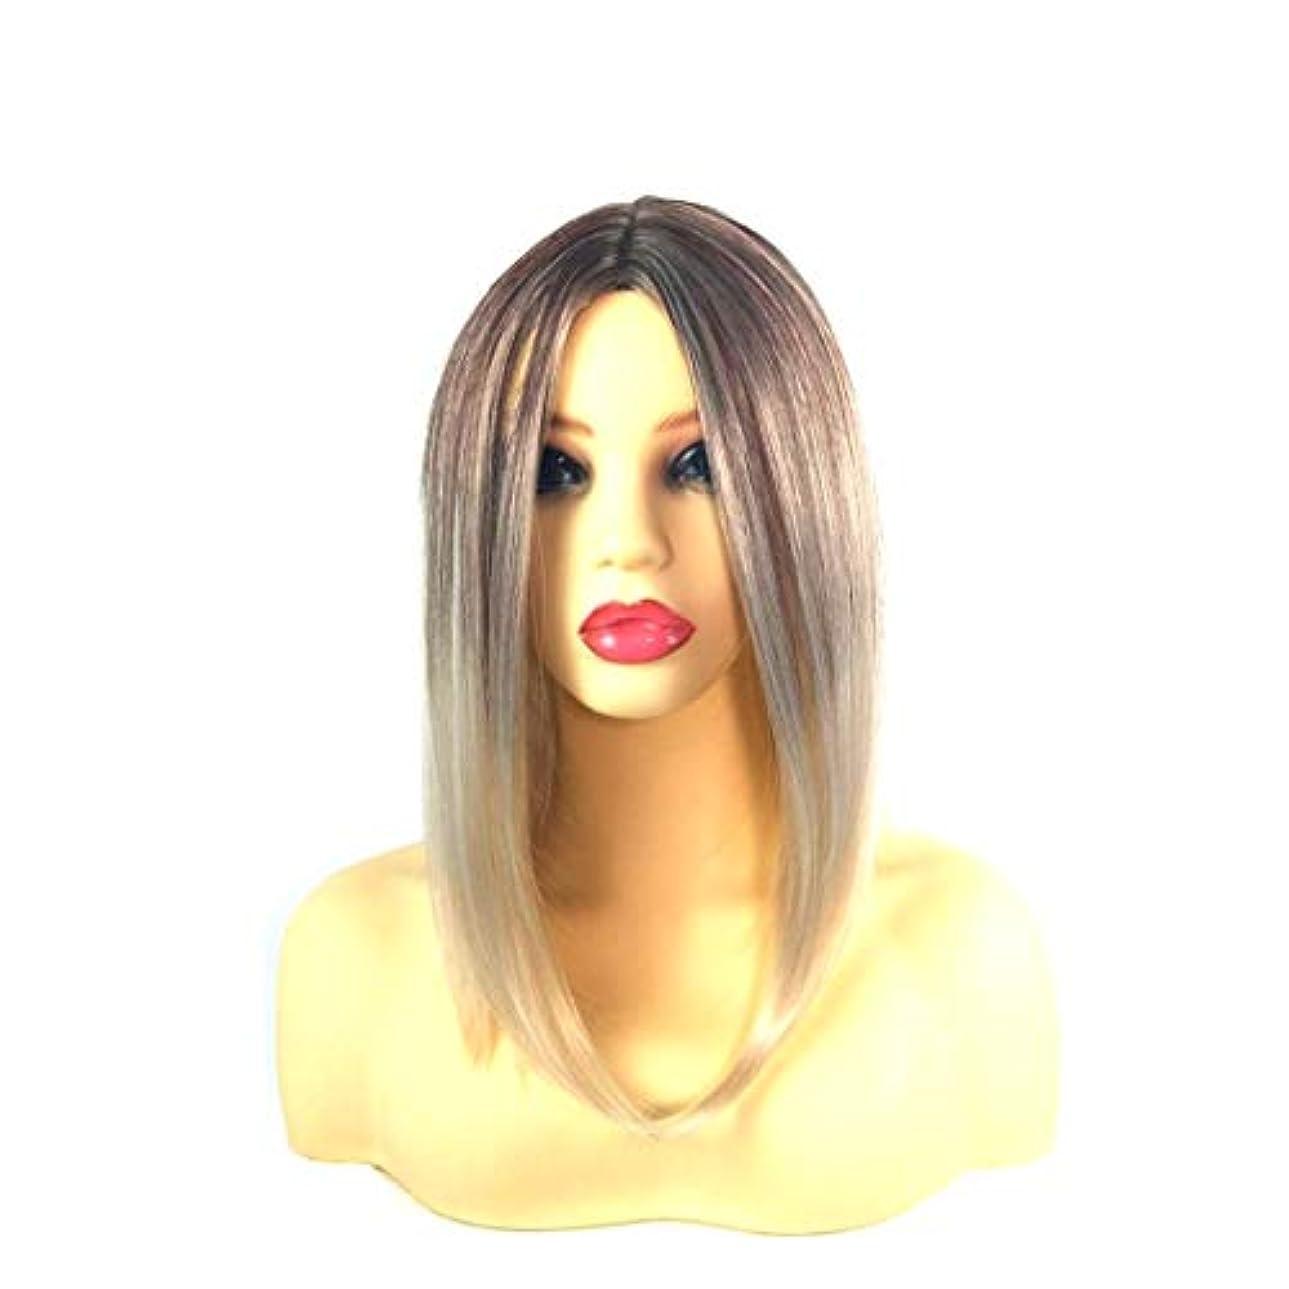 注釈付き添い人無条件Summerys 女性のための前髪の短いストレートの髪の黒のグラデーションライスホワイトウィッグヘッドバンド